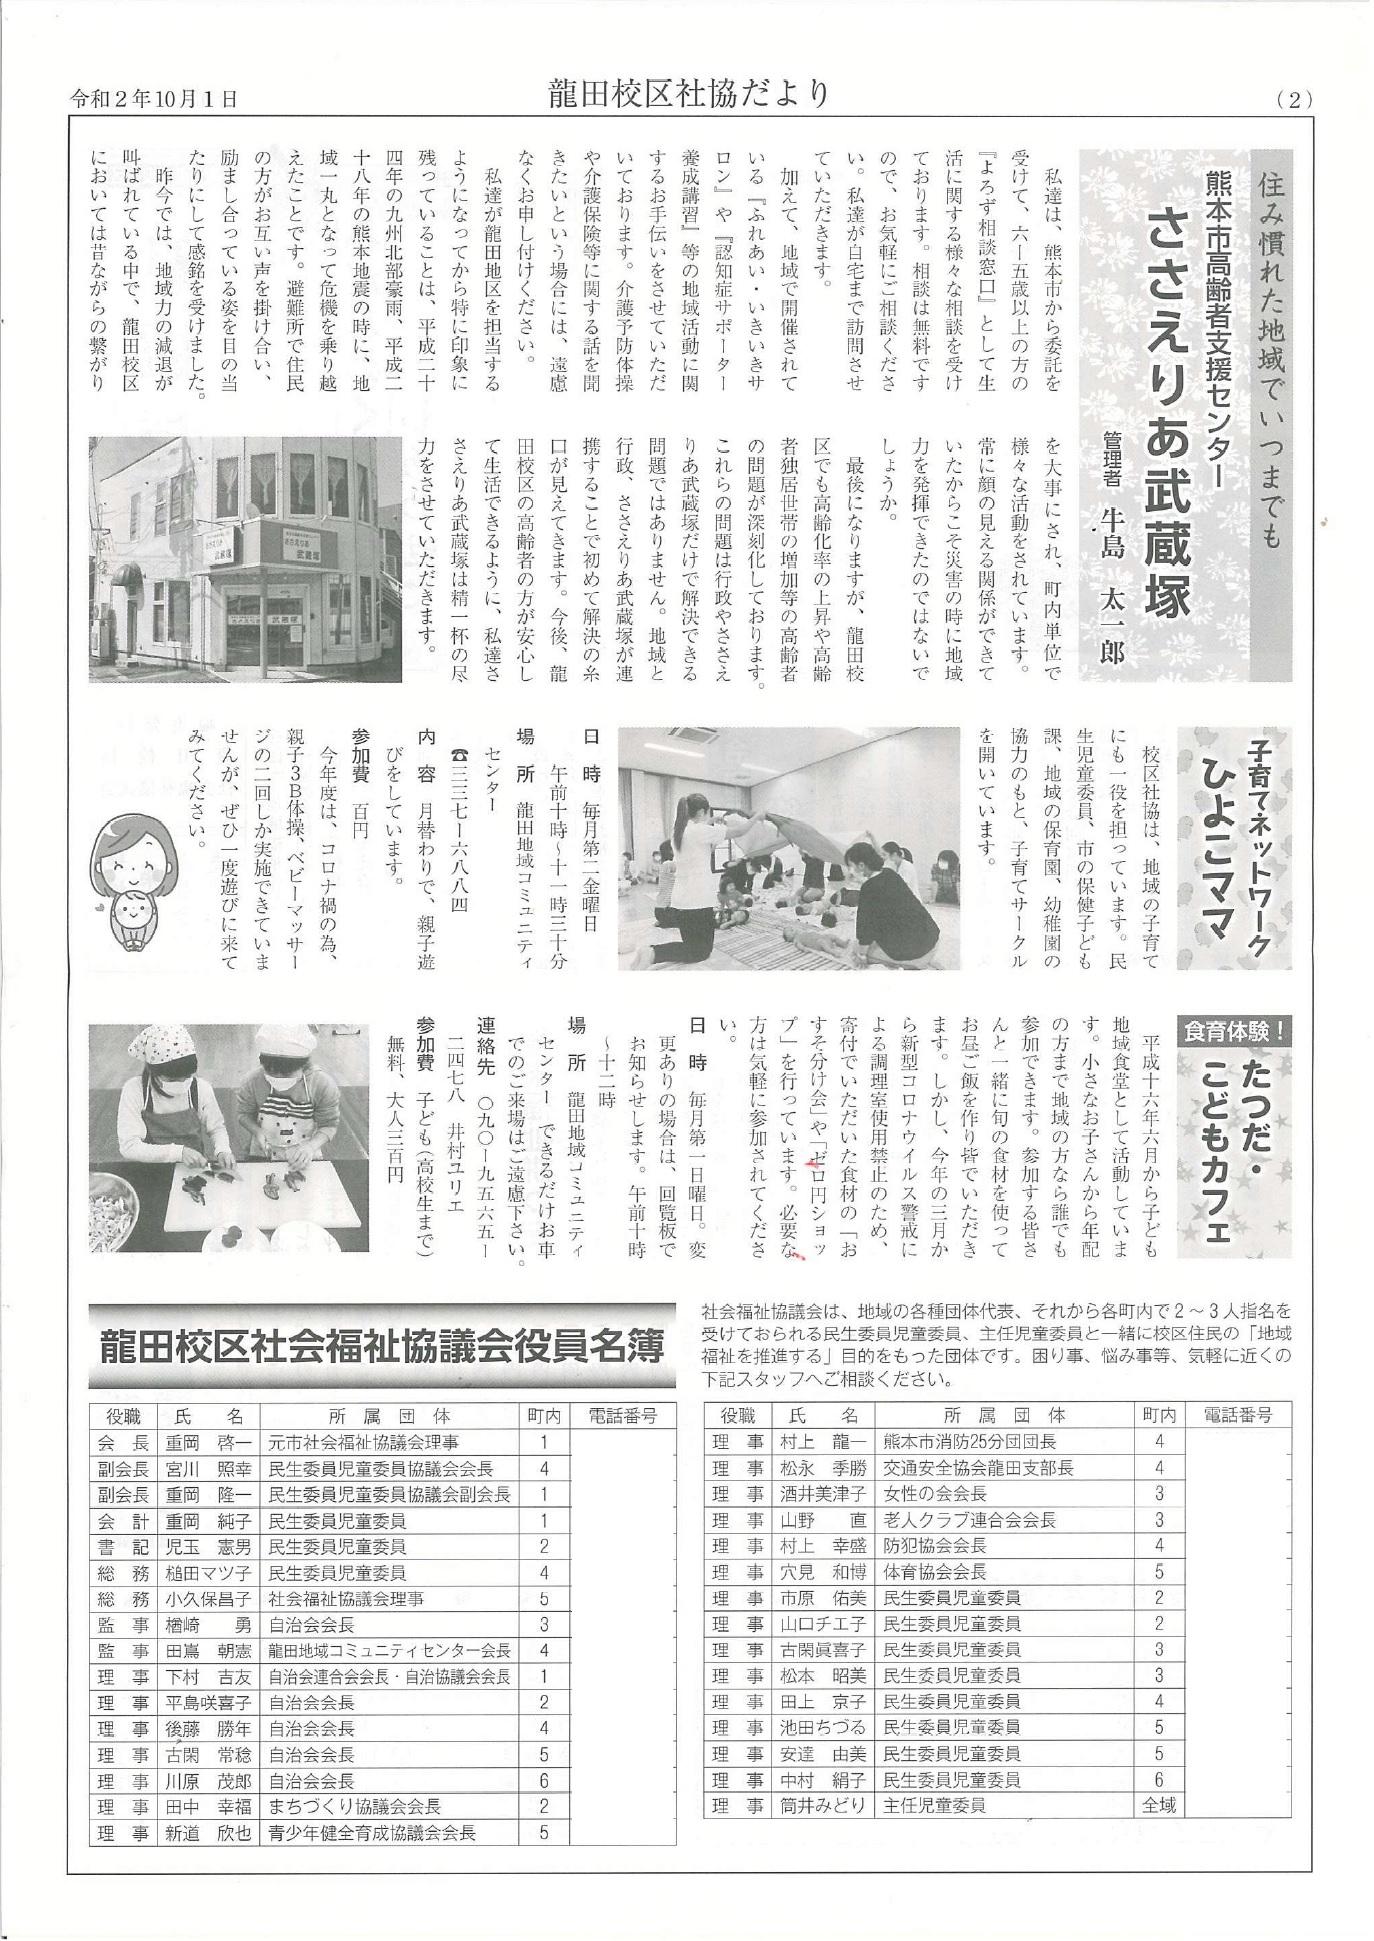 龍田校区「社協だより」(令和2年10月1日号)裏